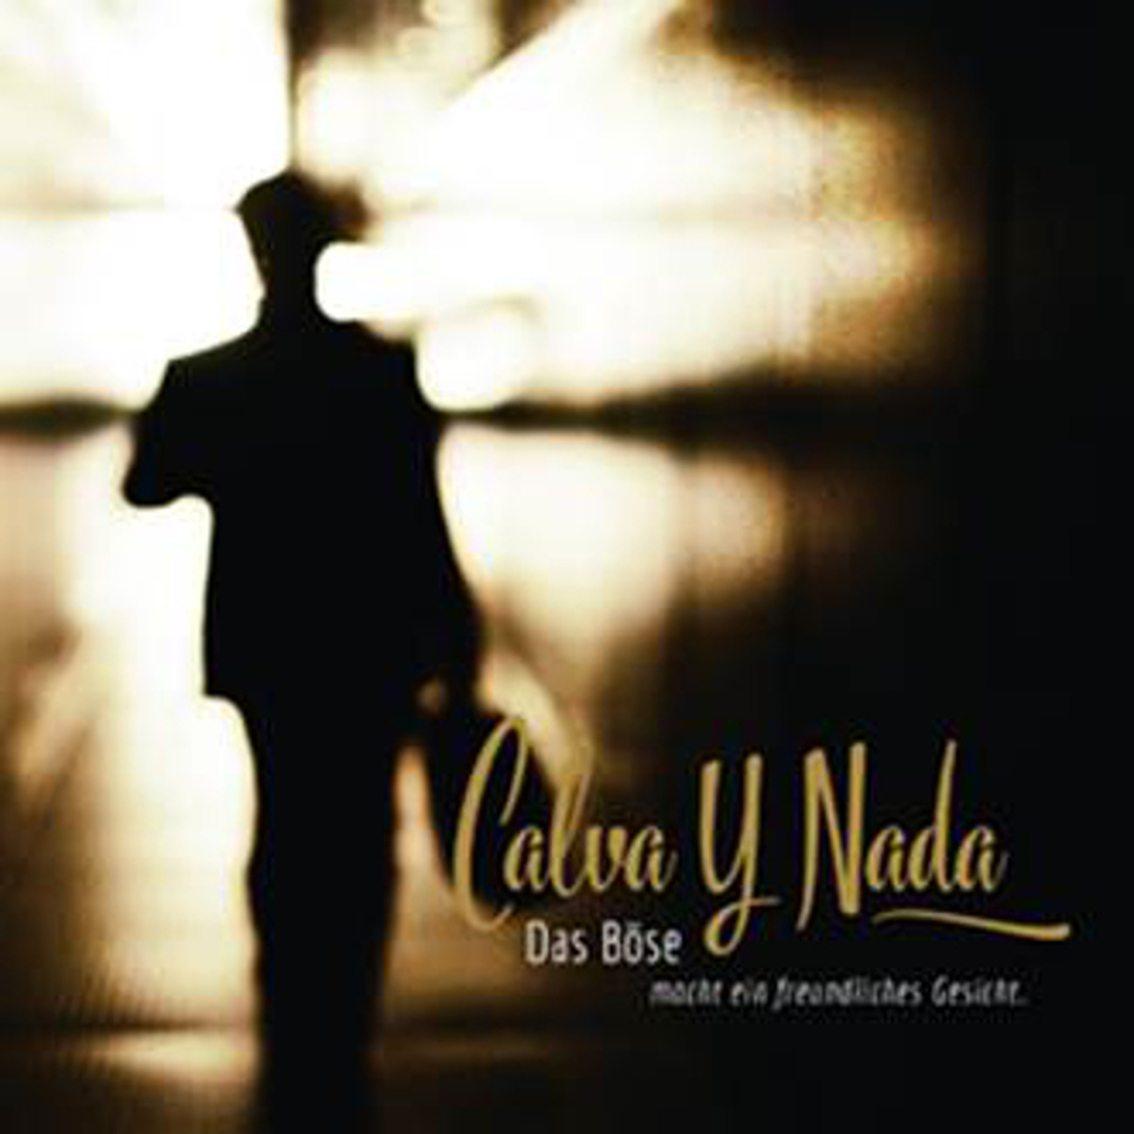 Calva Y Nada re-release'Das Böse macht ein freundliches Gesicht' as 2CD set with 12 live bonus tracks